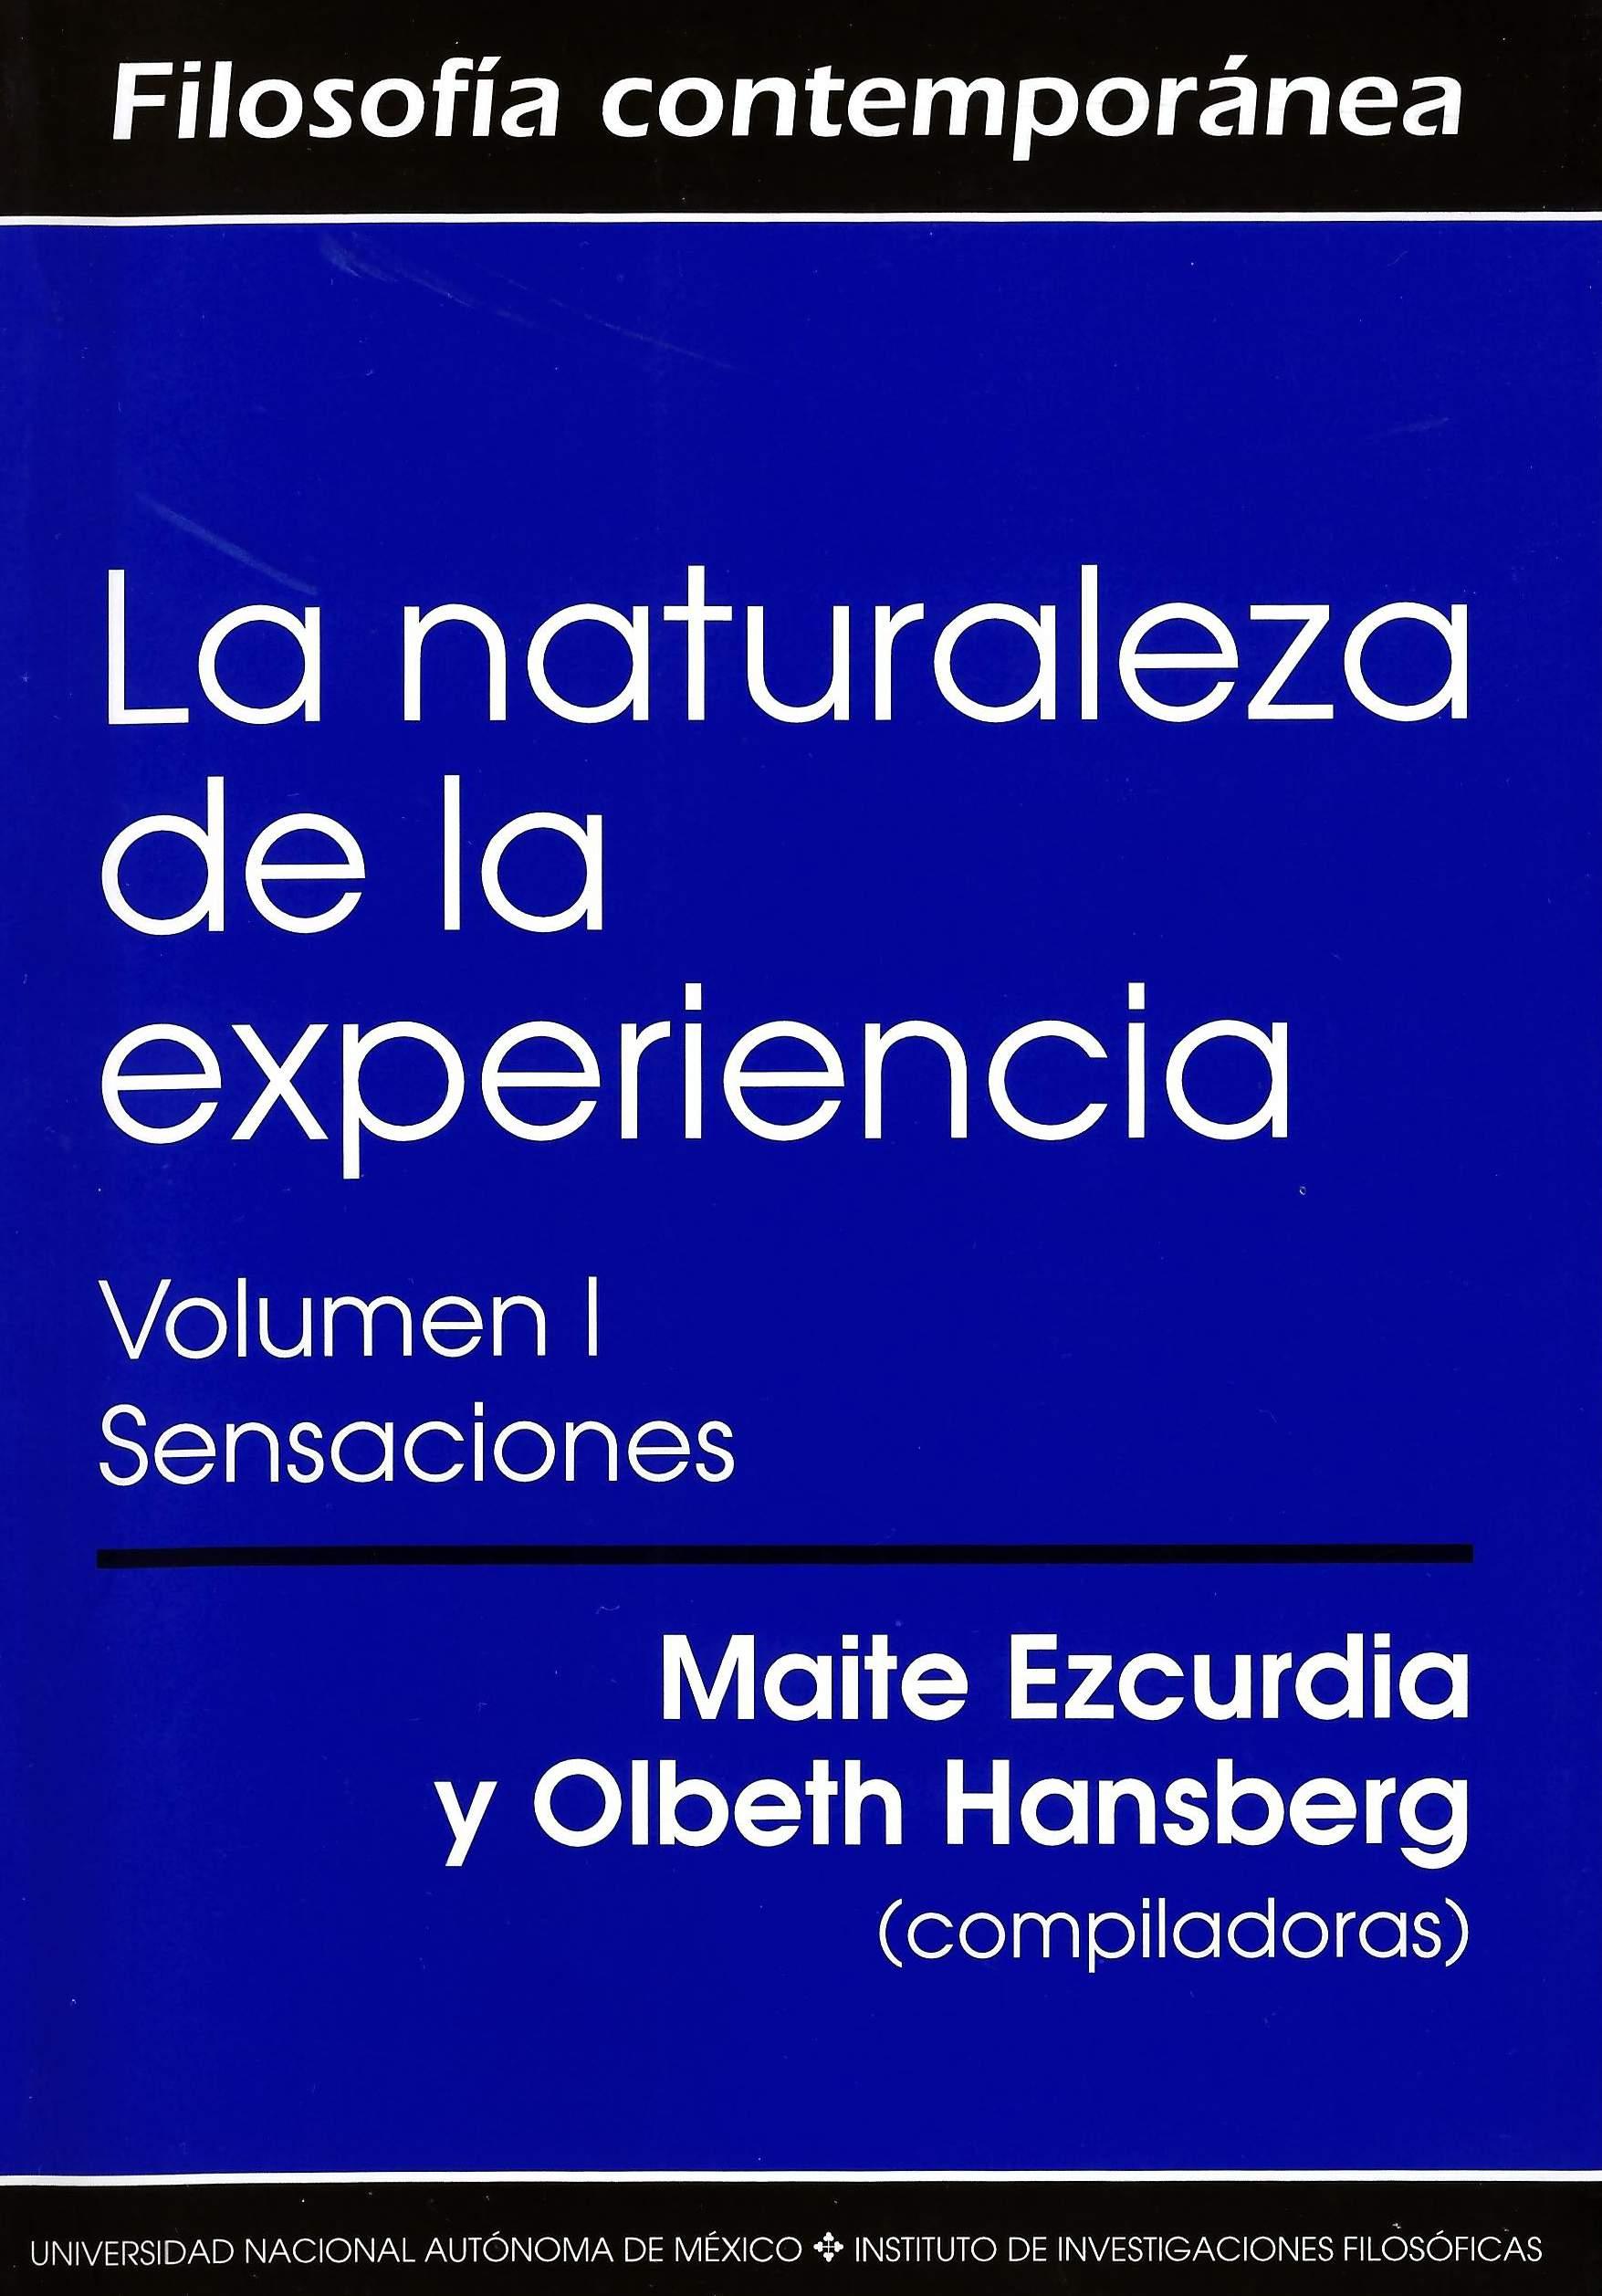 La naturaleza de la experiencia Volumen 1 Sensaciones